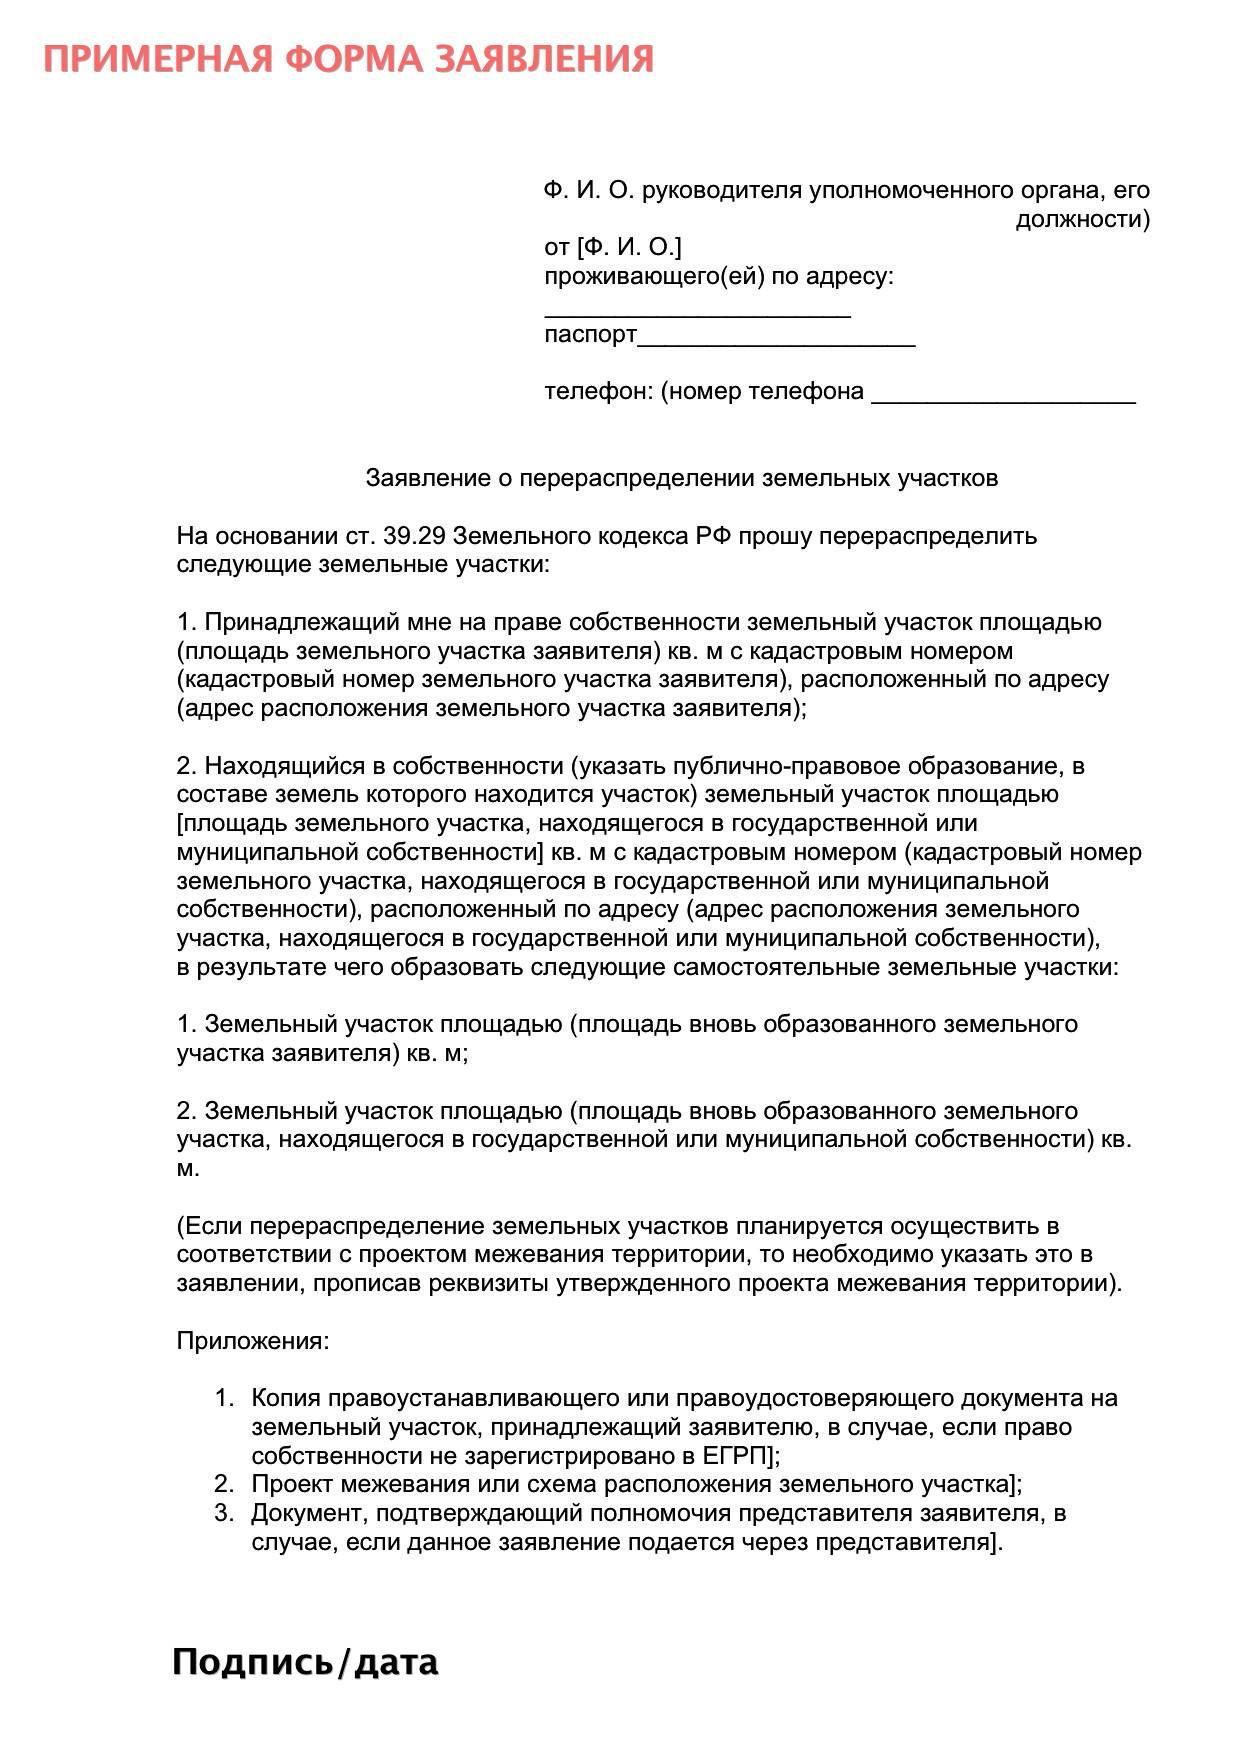 Образец доверенности на межевание земельного участка: бланк заявления и информация об остальных документах - о постановлении, приказе и паспортесвоё